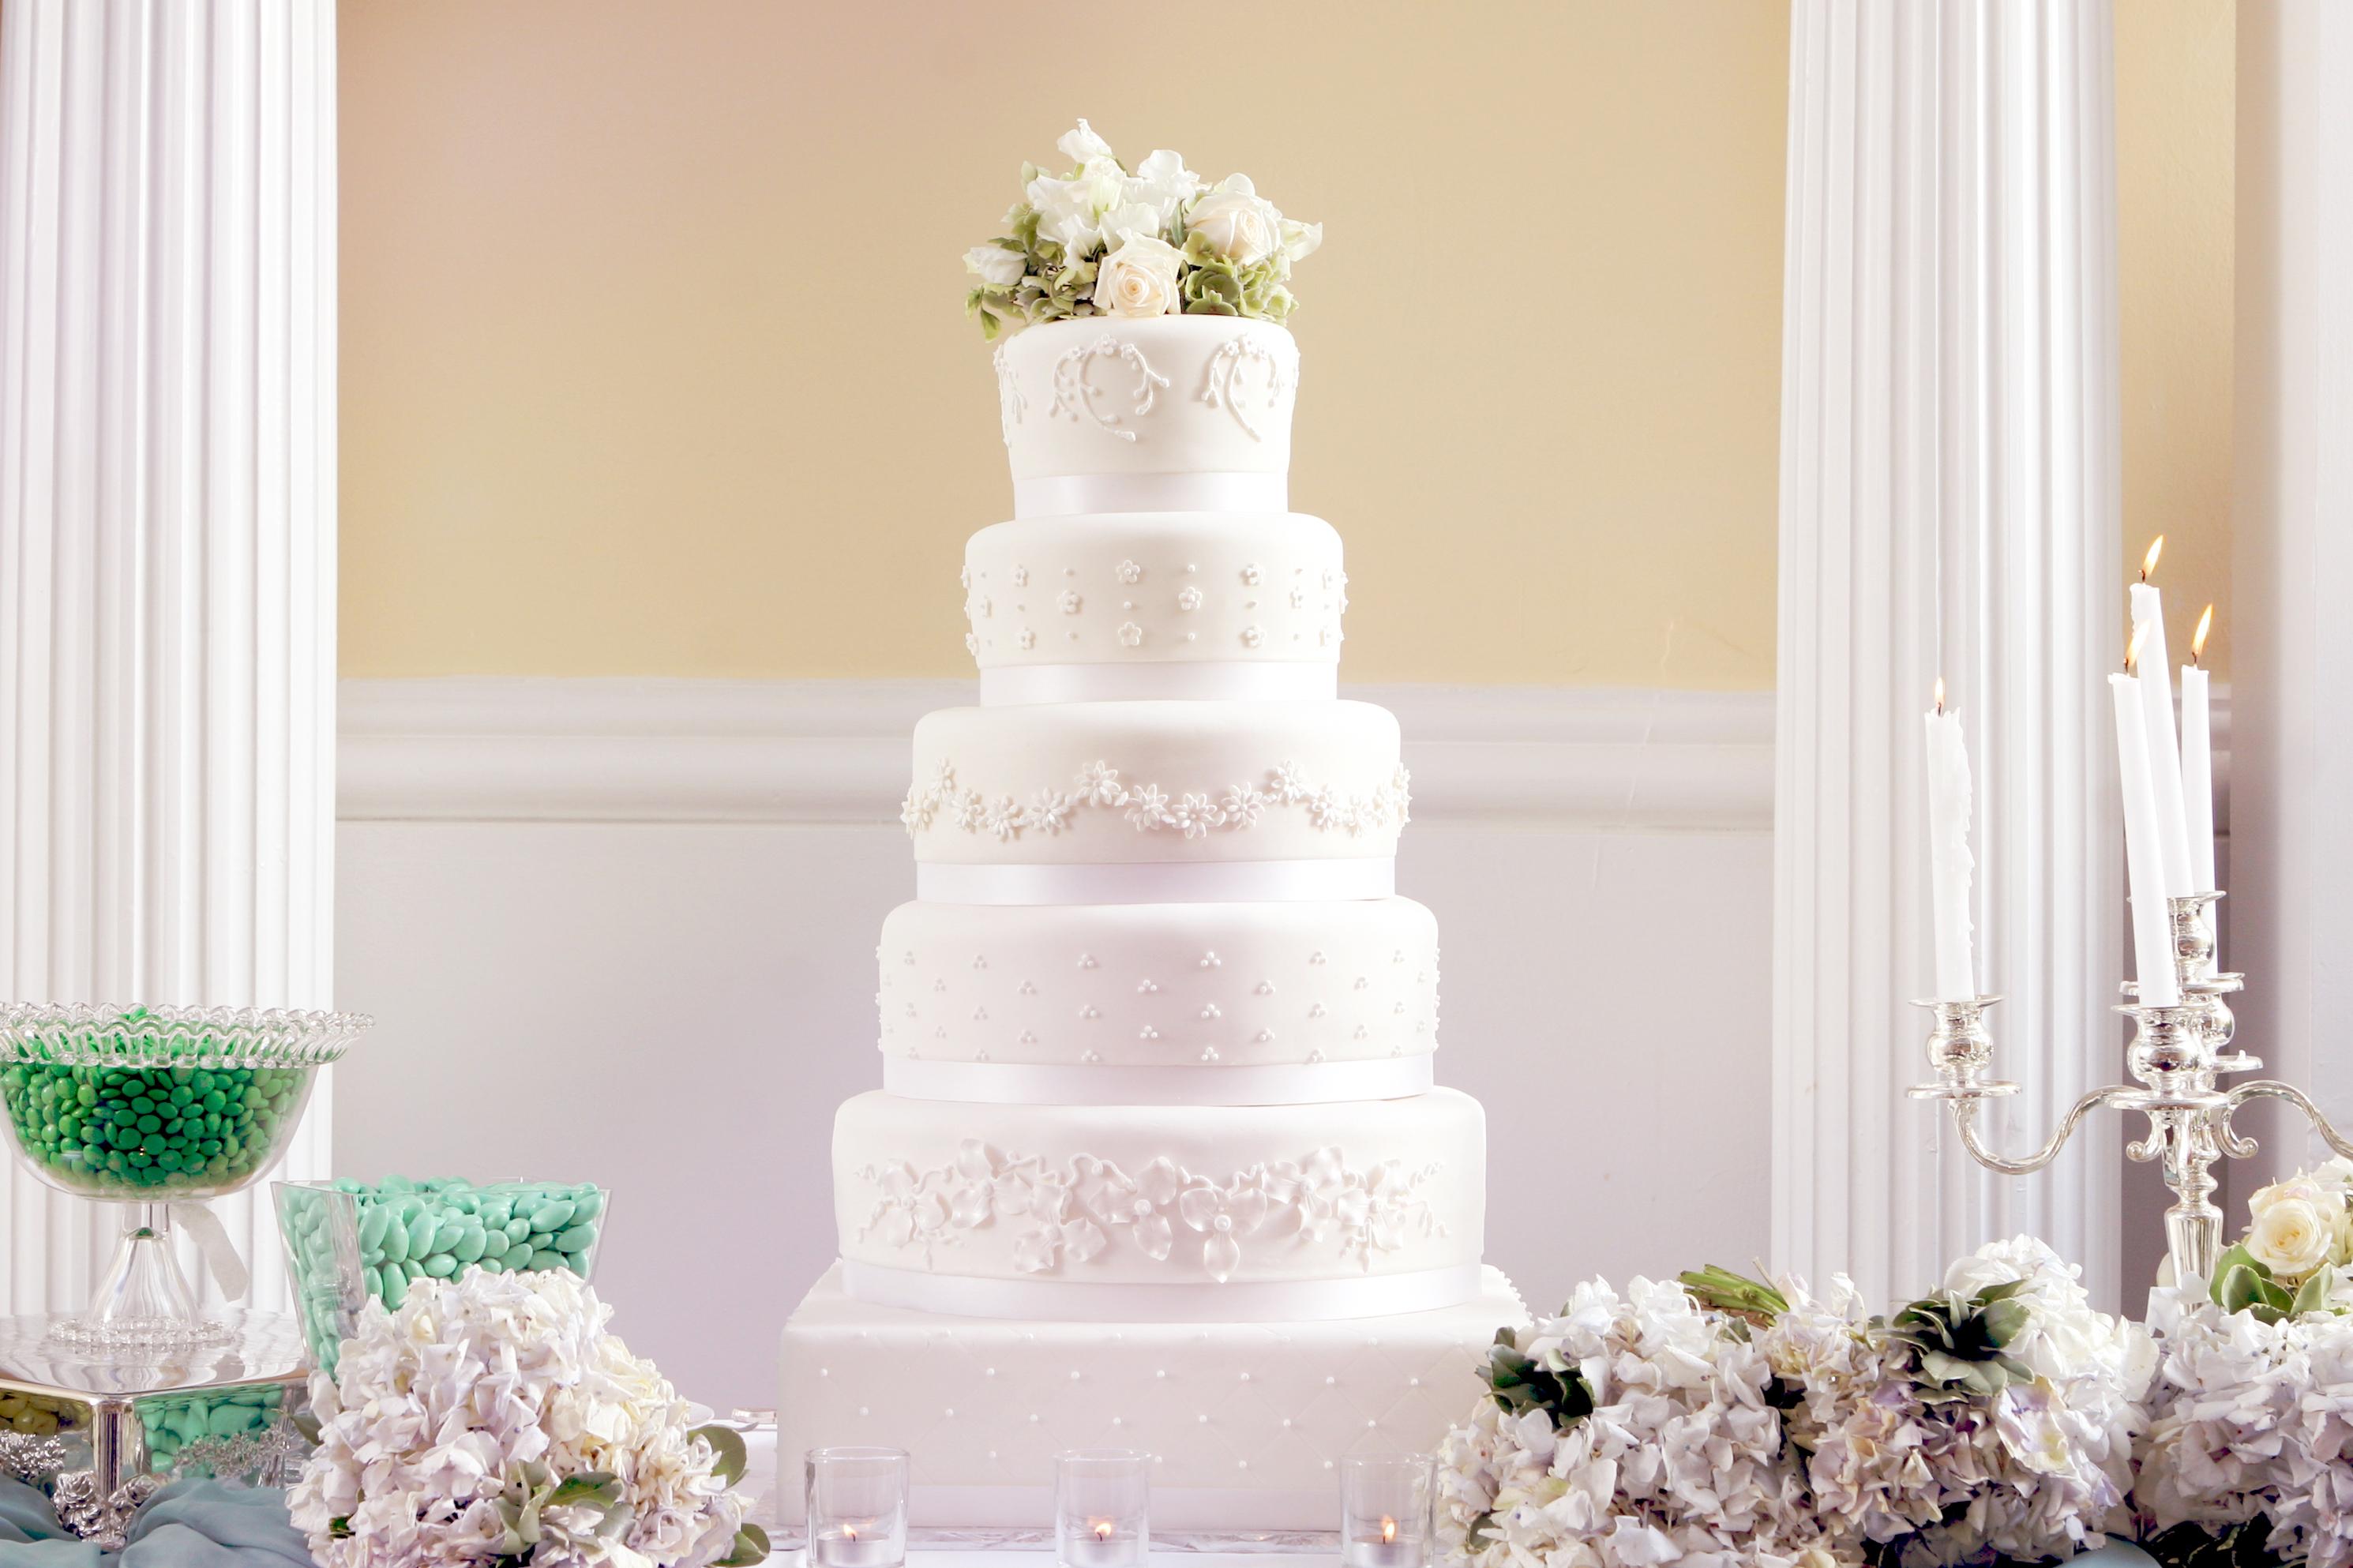 Fountain Wedding Cakes Prices , Wedding Cake Flavors